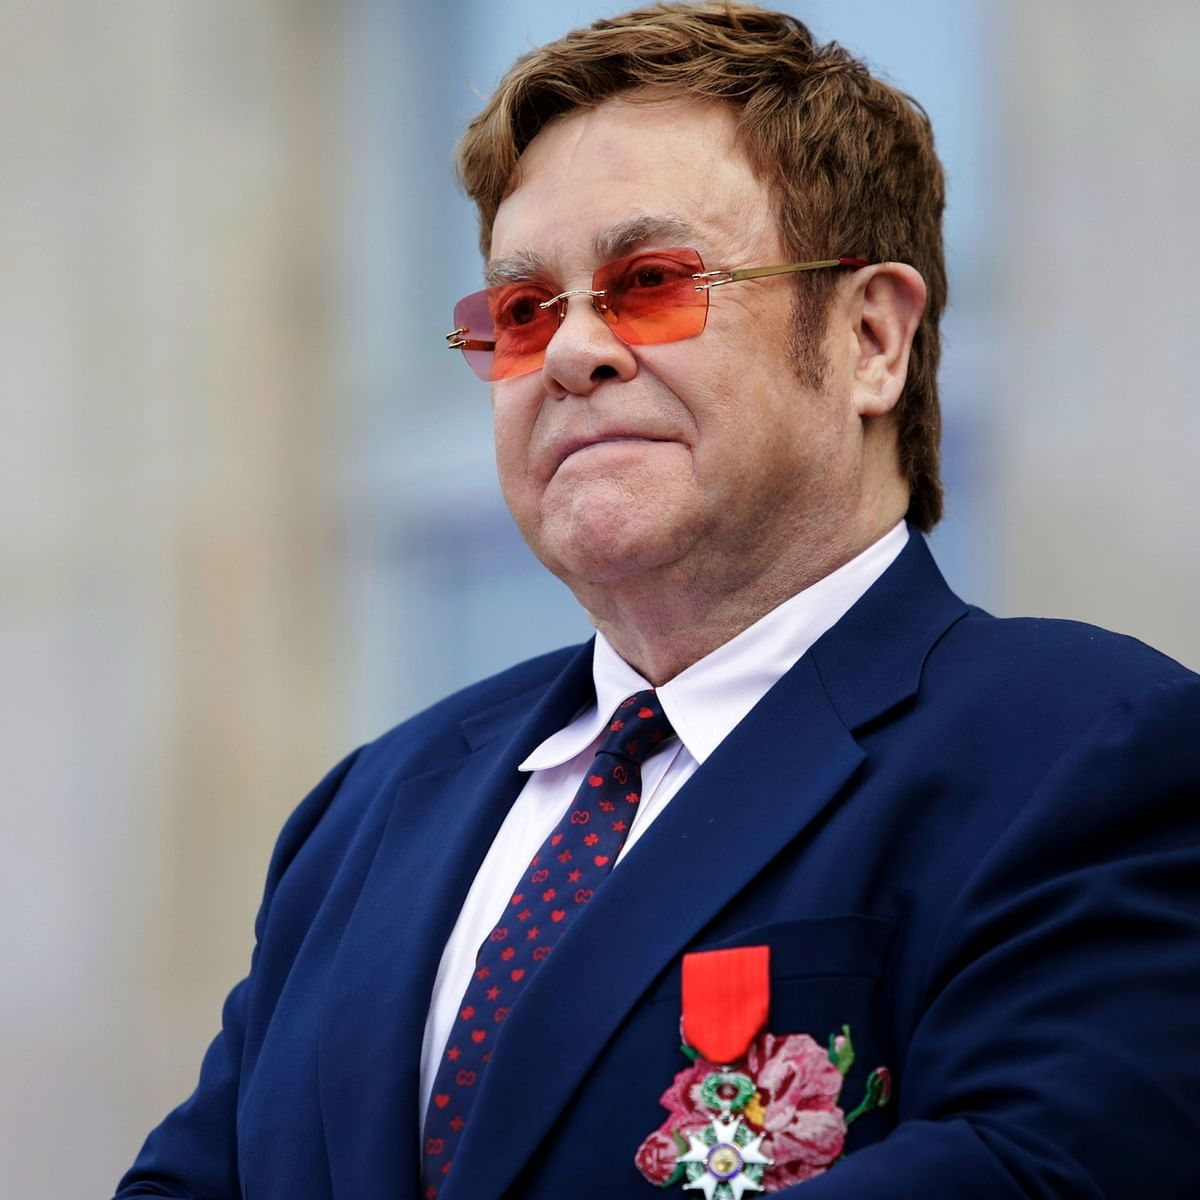 Elton John announces return of Farewell Yellow Brick Road tour